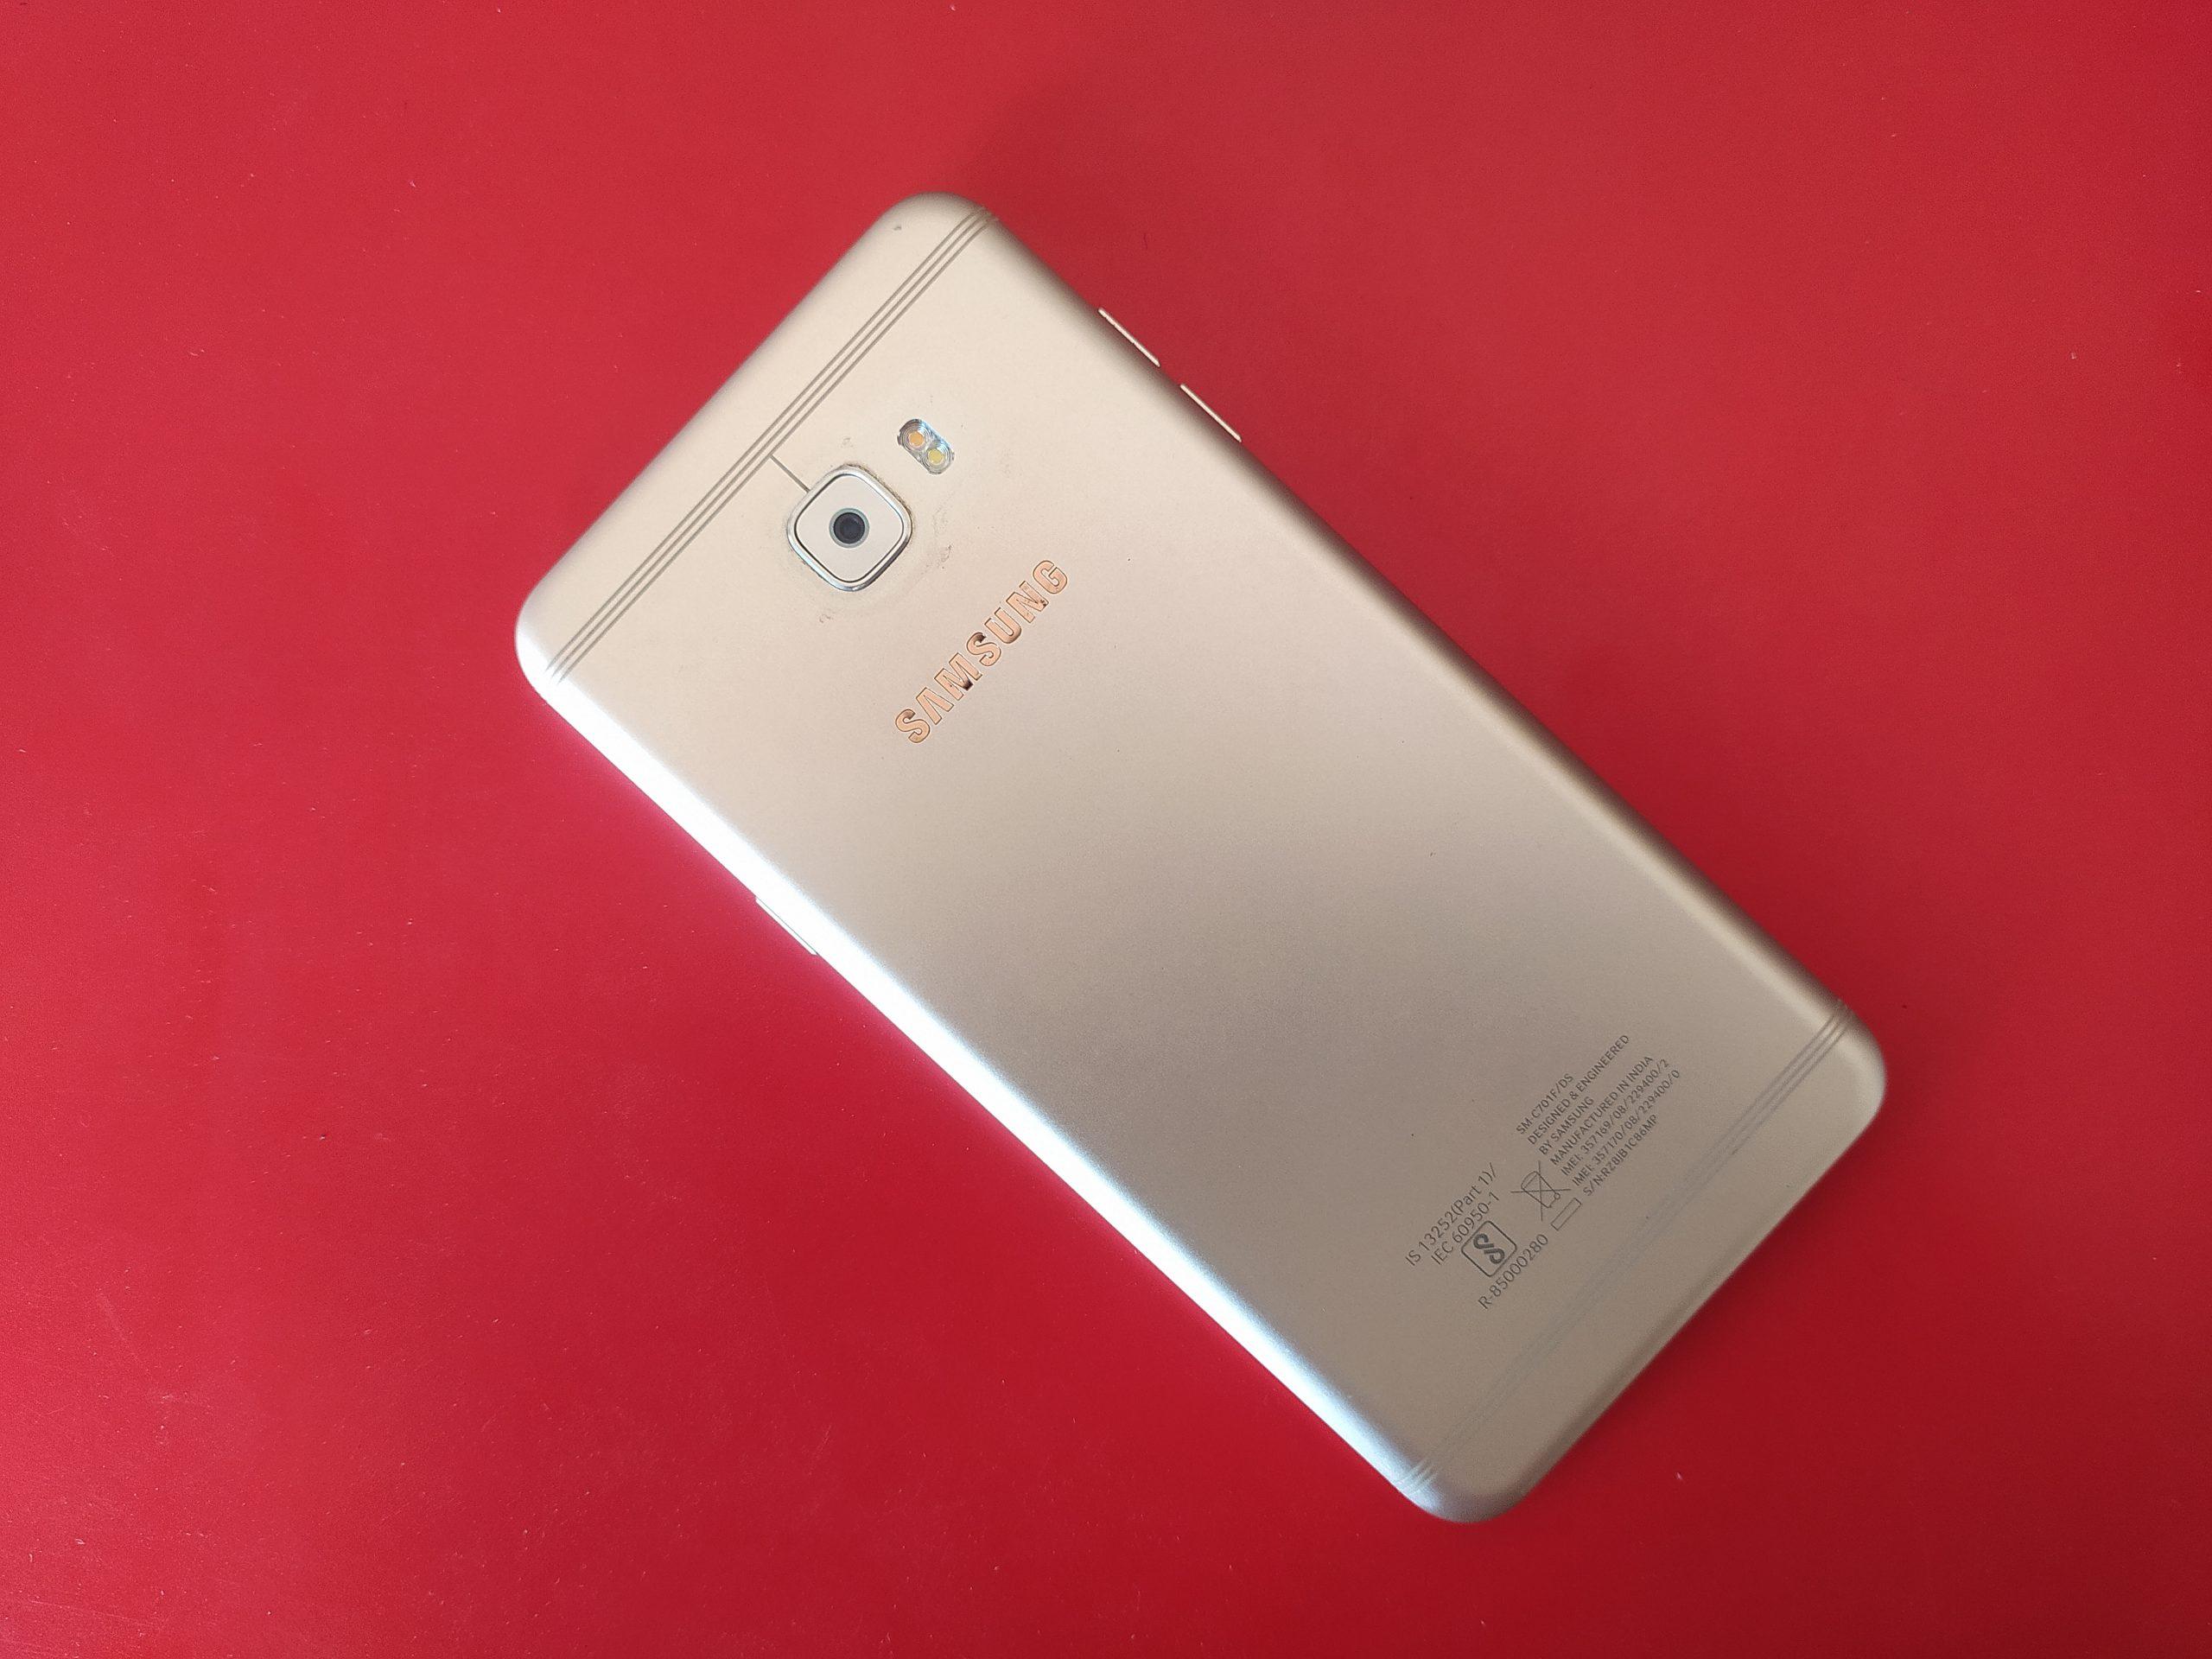 A Samsung phone